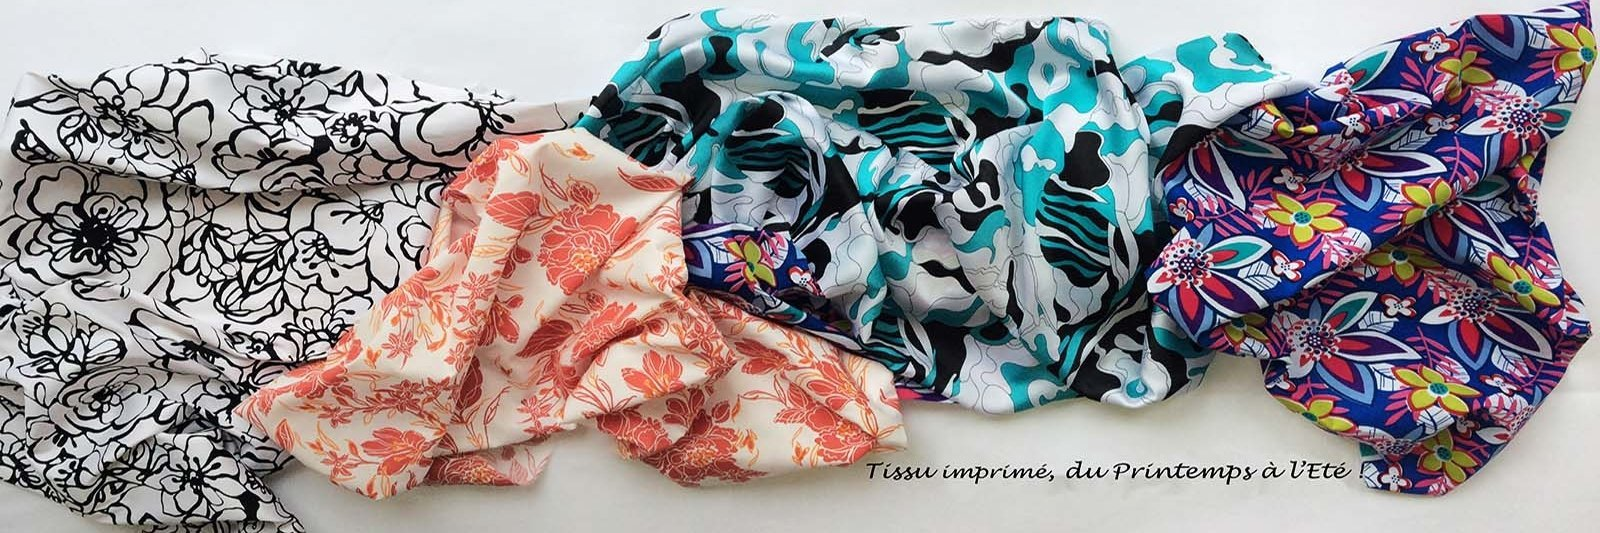 Tissu imprime tissu au metre vente de tissus